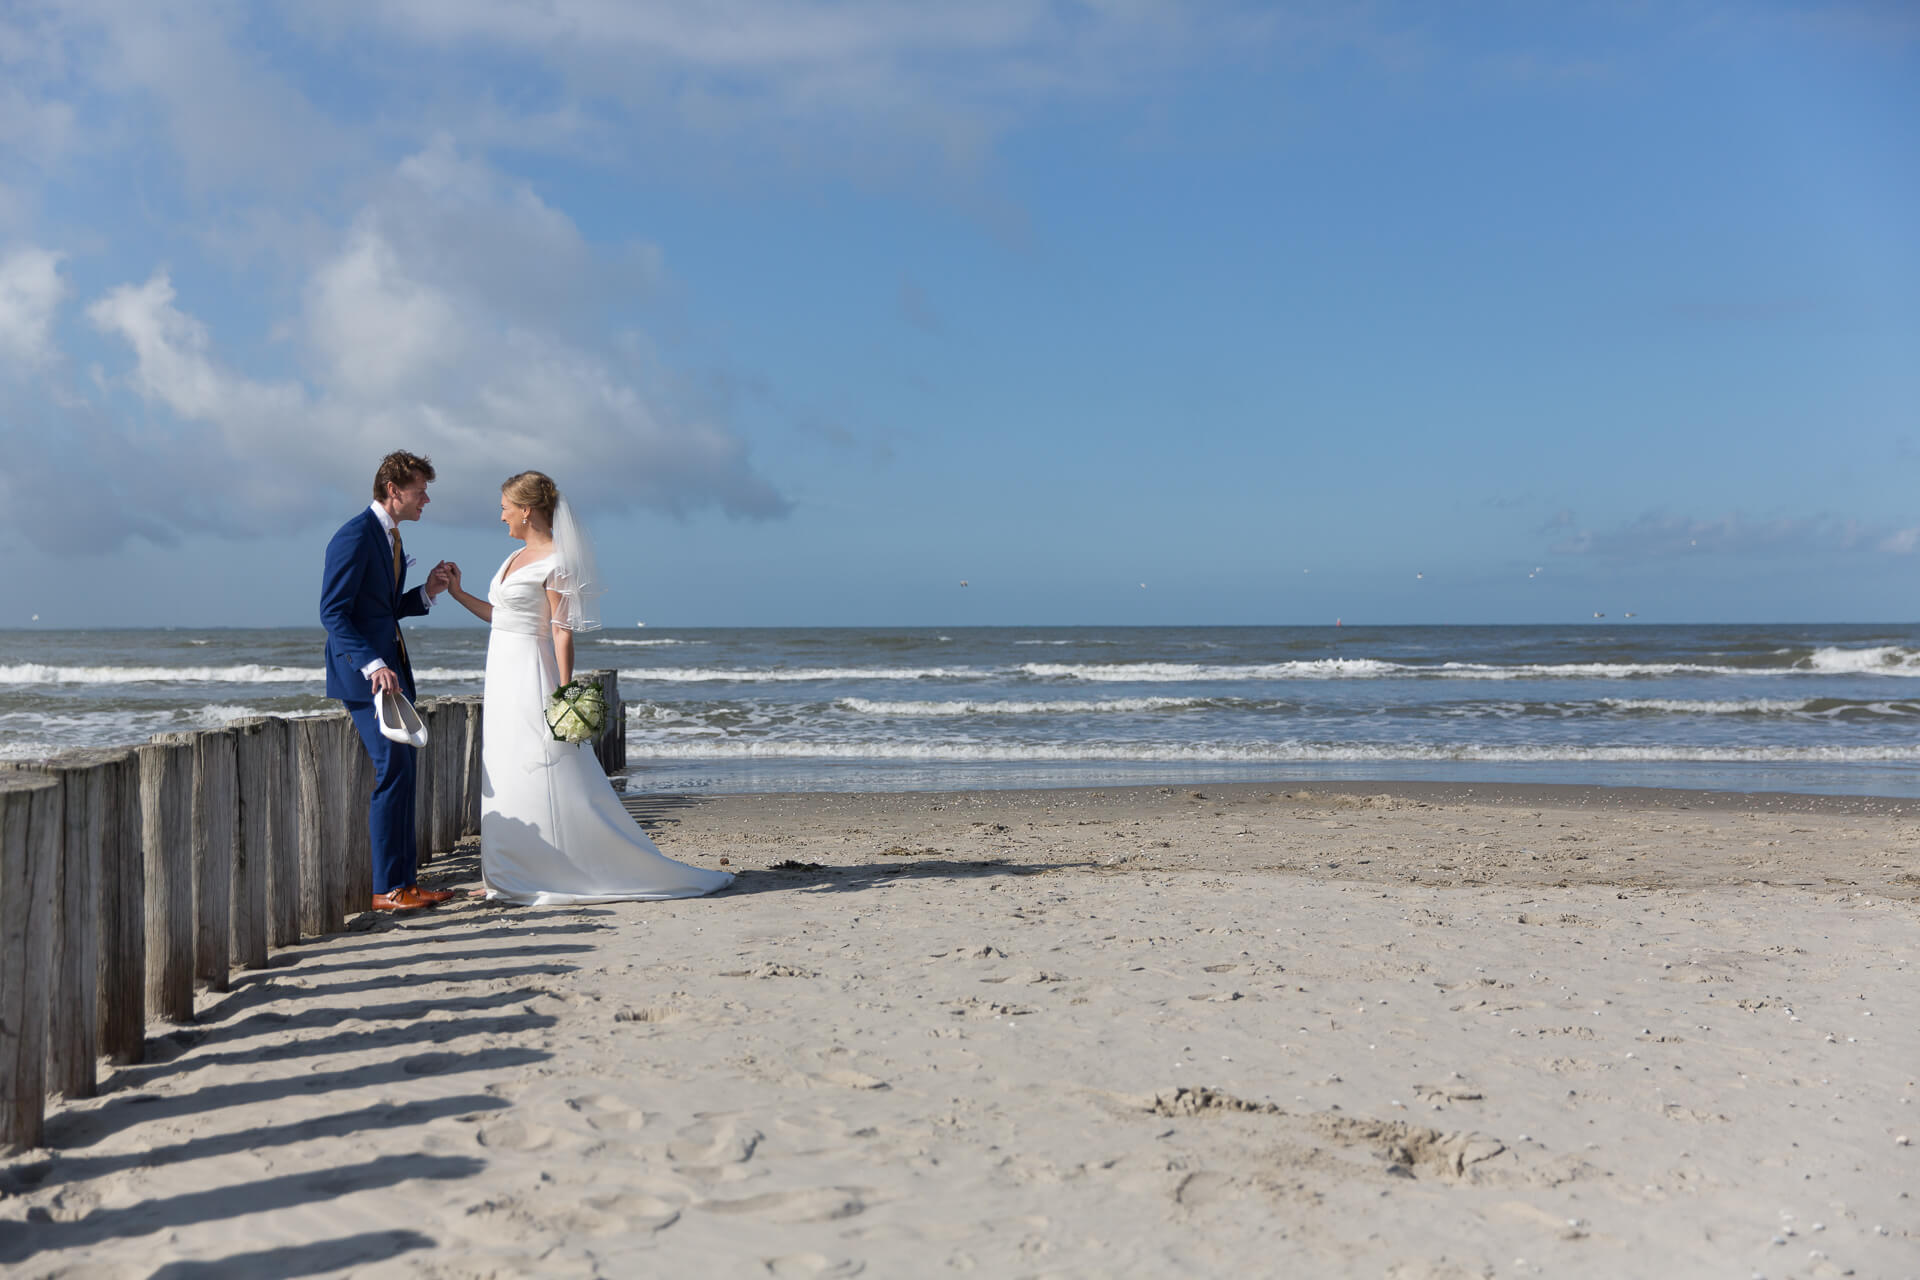 strand, trouwen, bruiloft, strandreportage, trouwen op strand